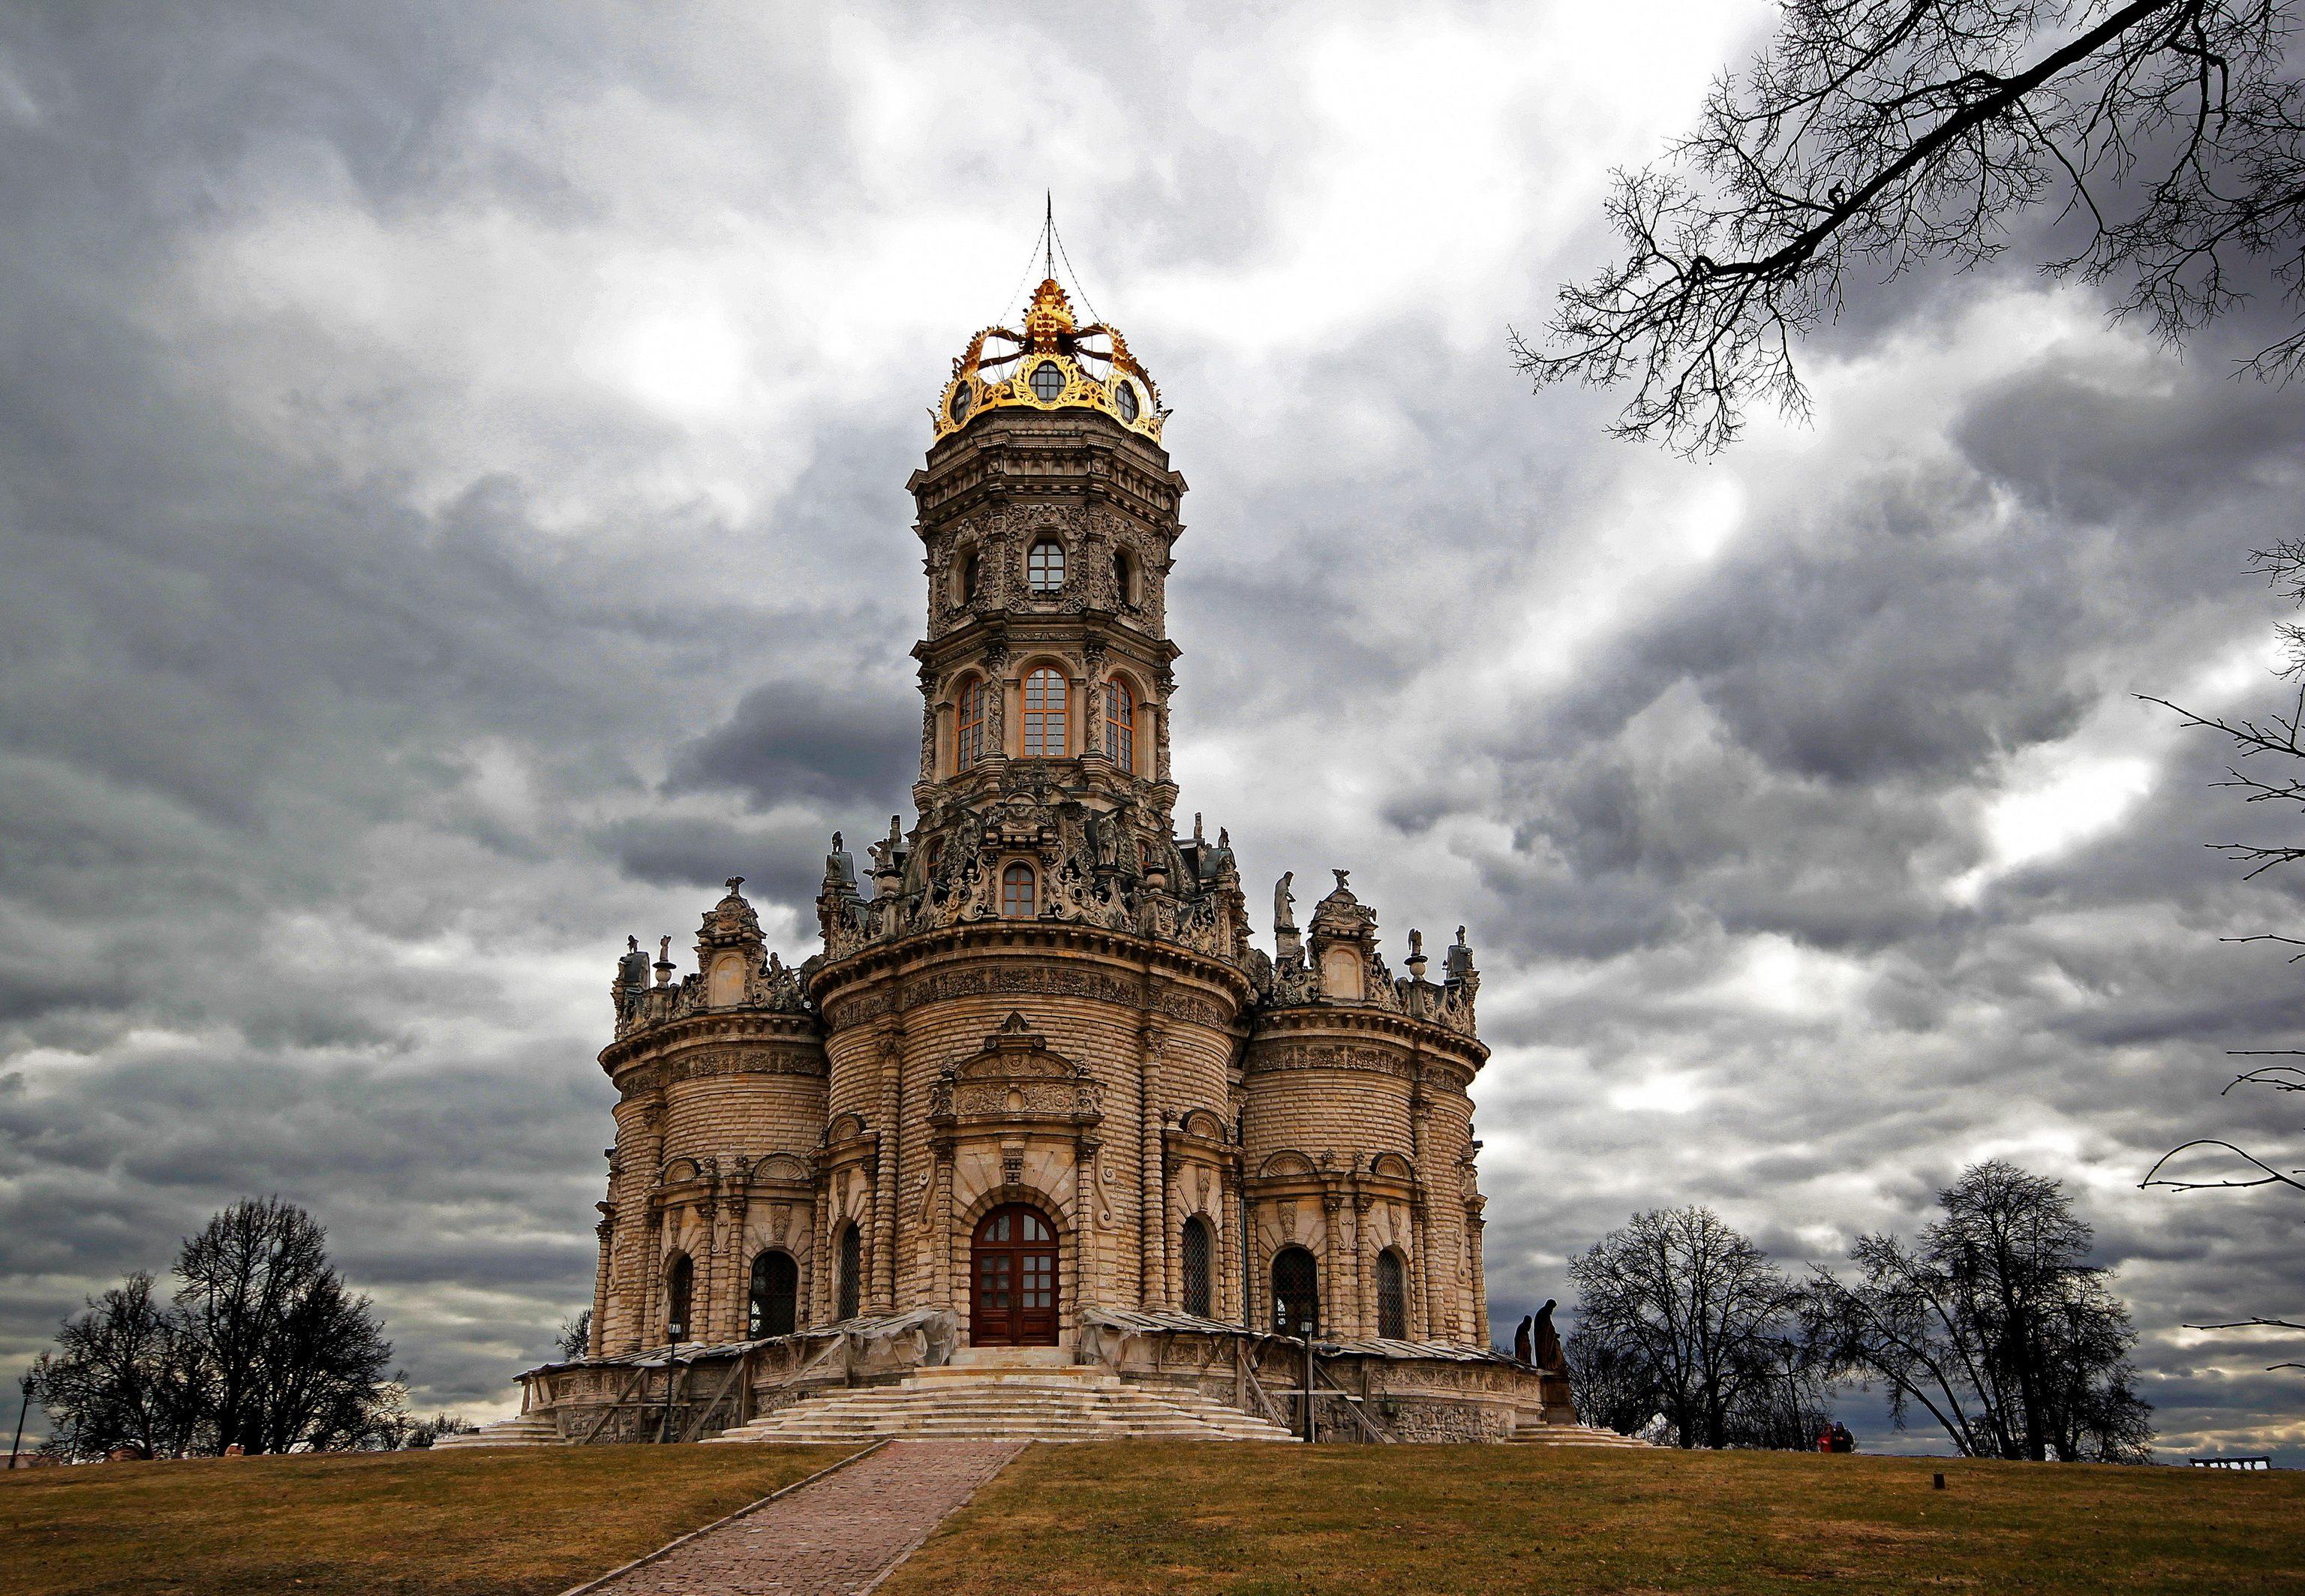 http://zarplatyinfo.ru/wp-content/uploads/2015/12/skolko-poluchayut-svyashhenniki-v-rossii-v-2016-godu.jpg